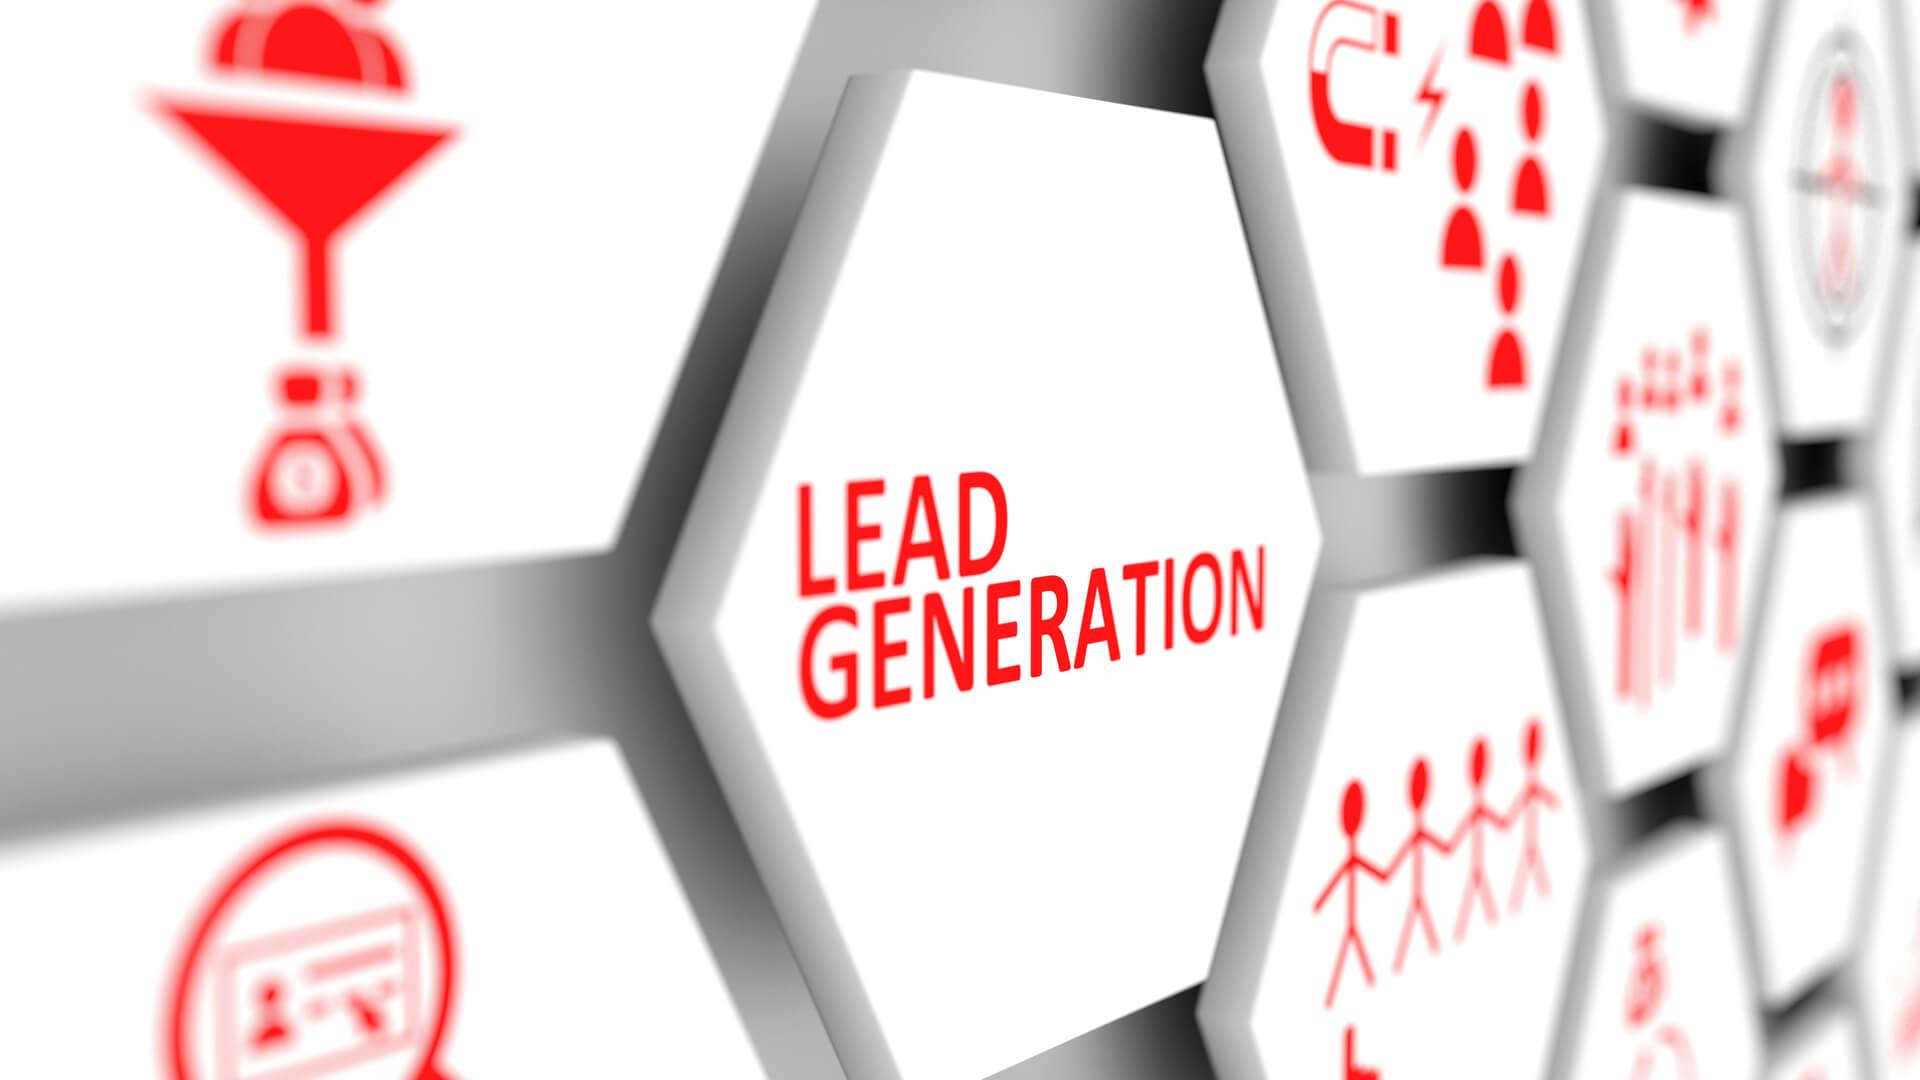 lead generation in 2021